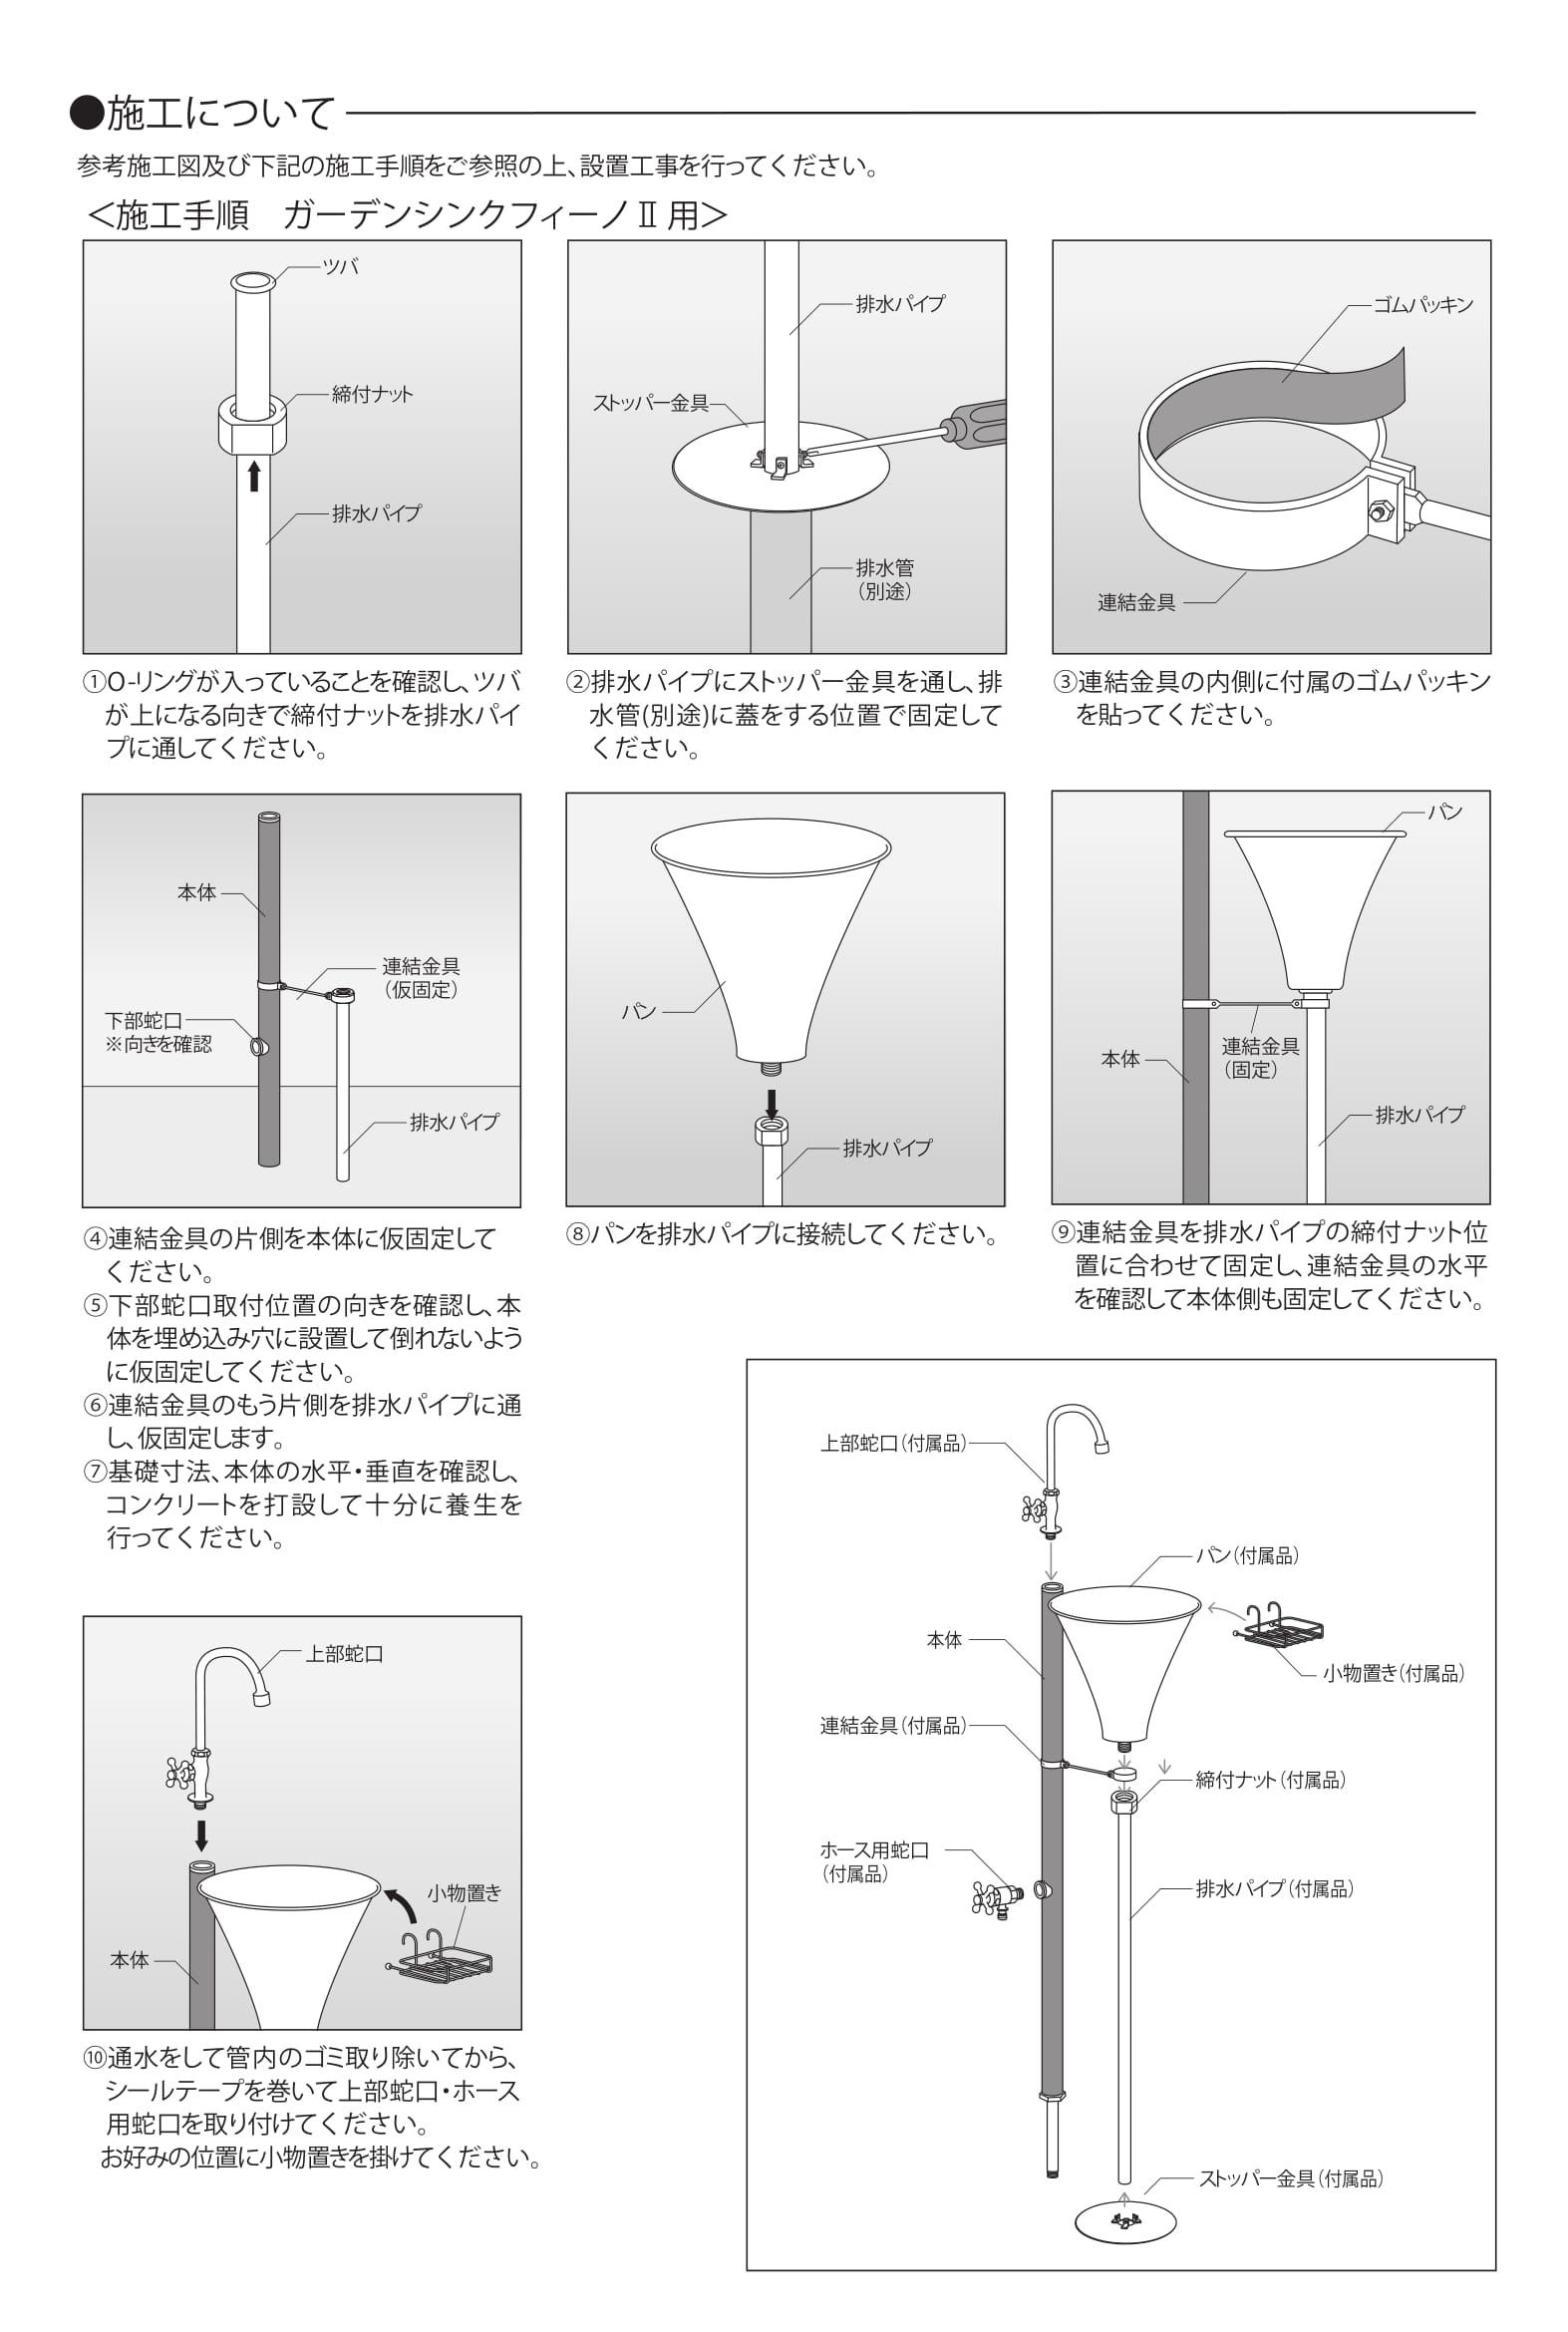 ガーデンシンクフィーノ2_取扱説明書-4